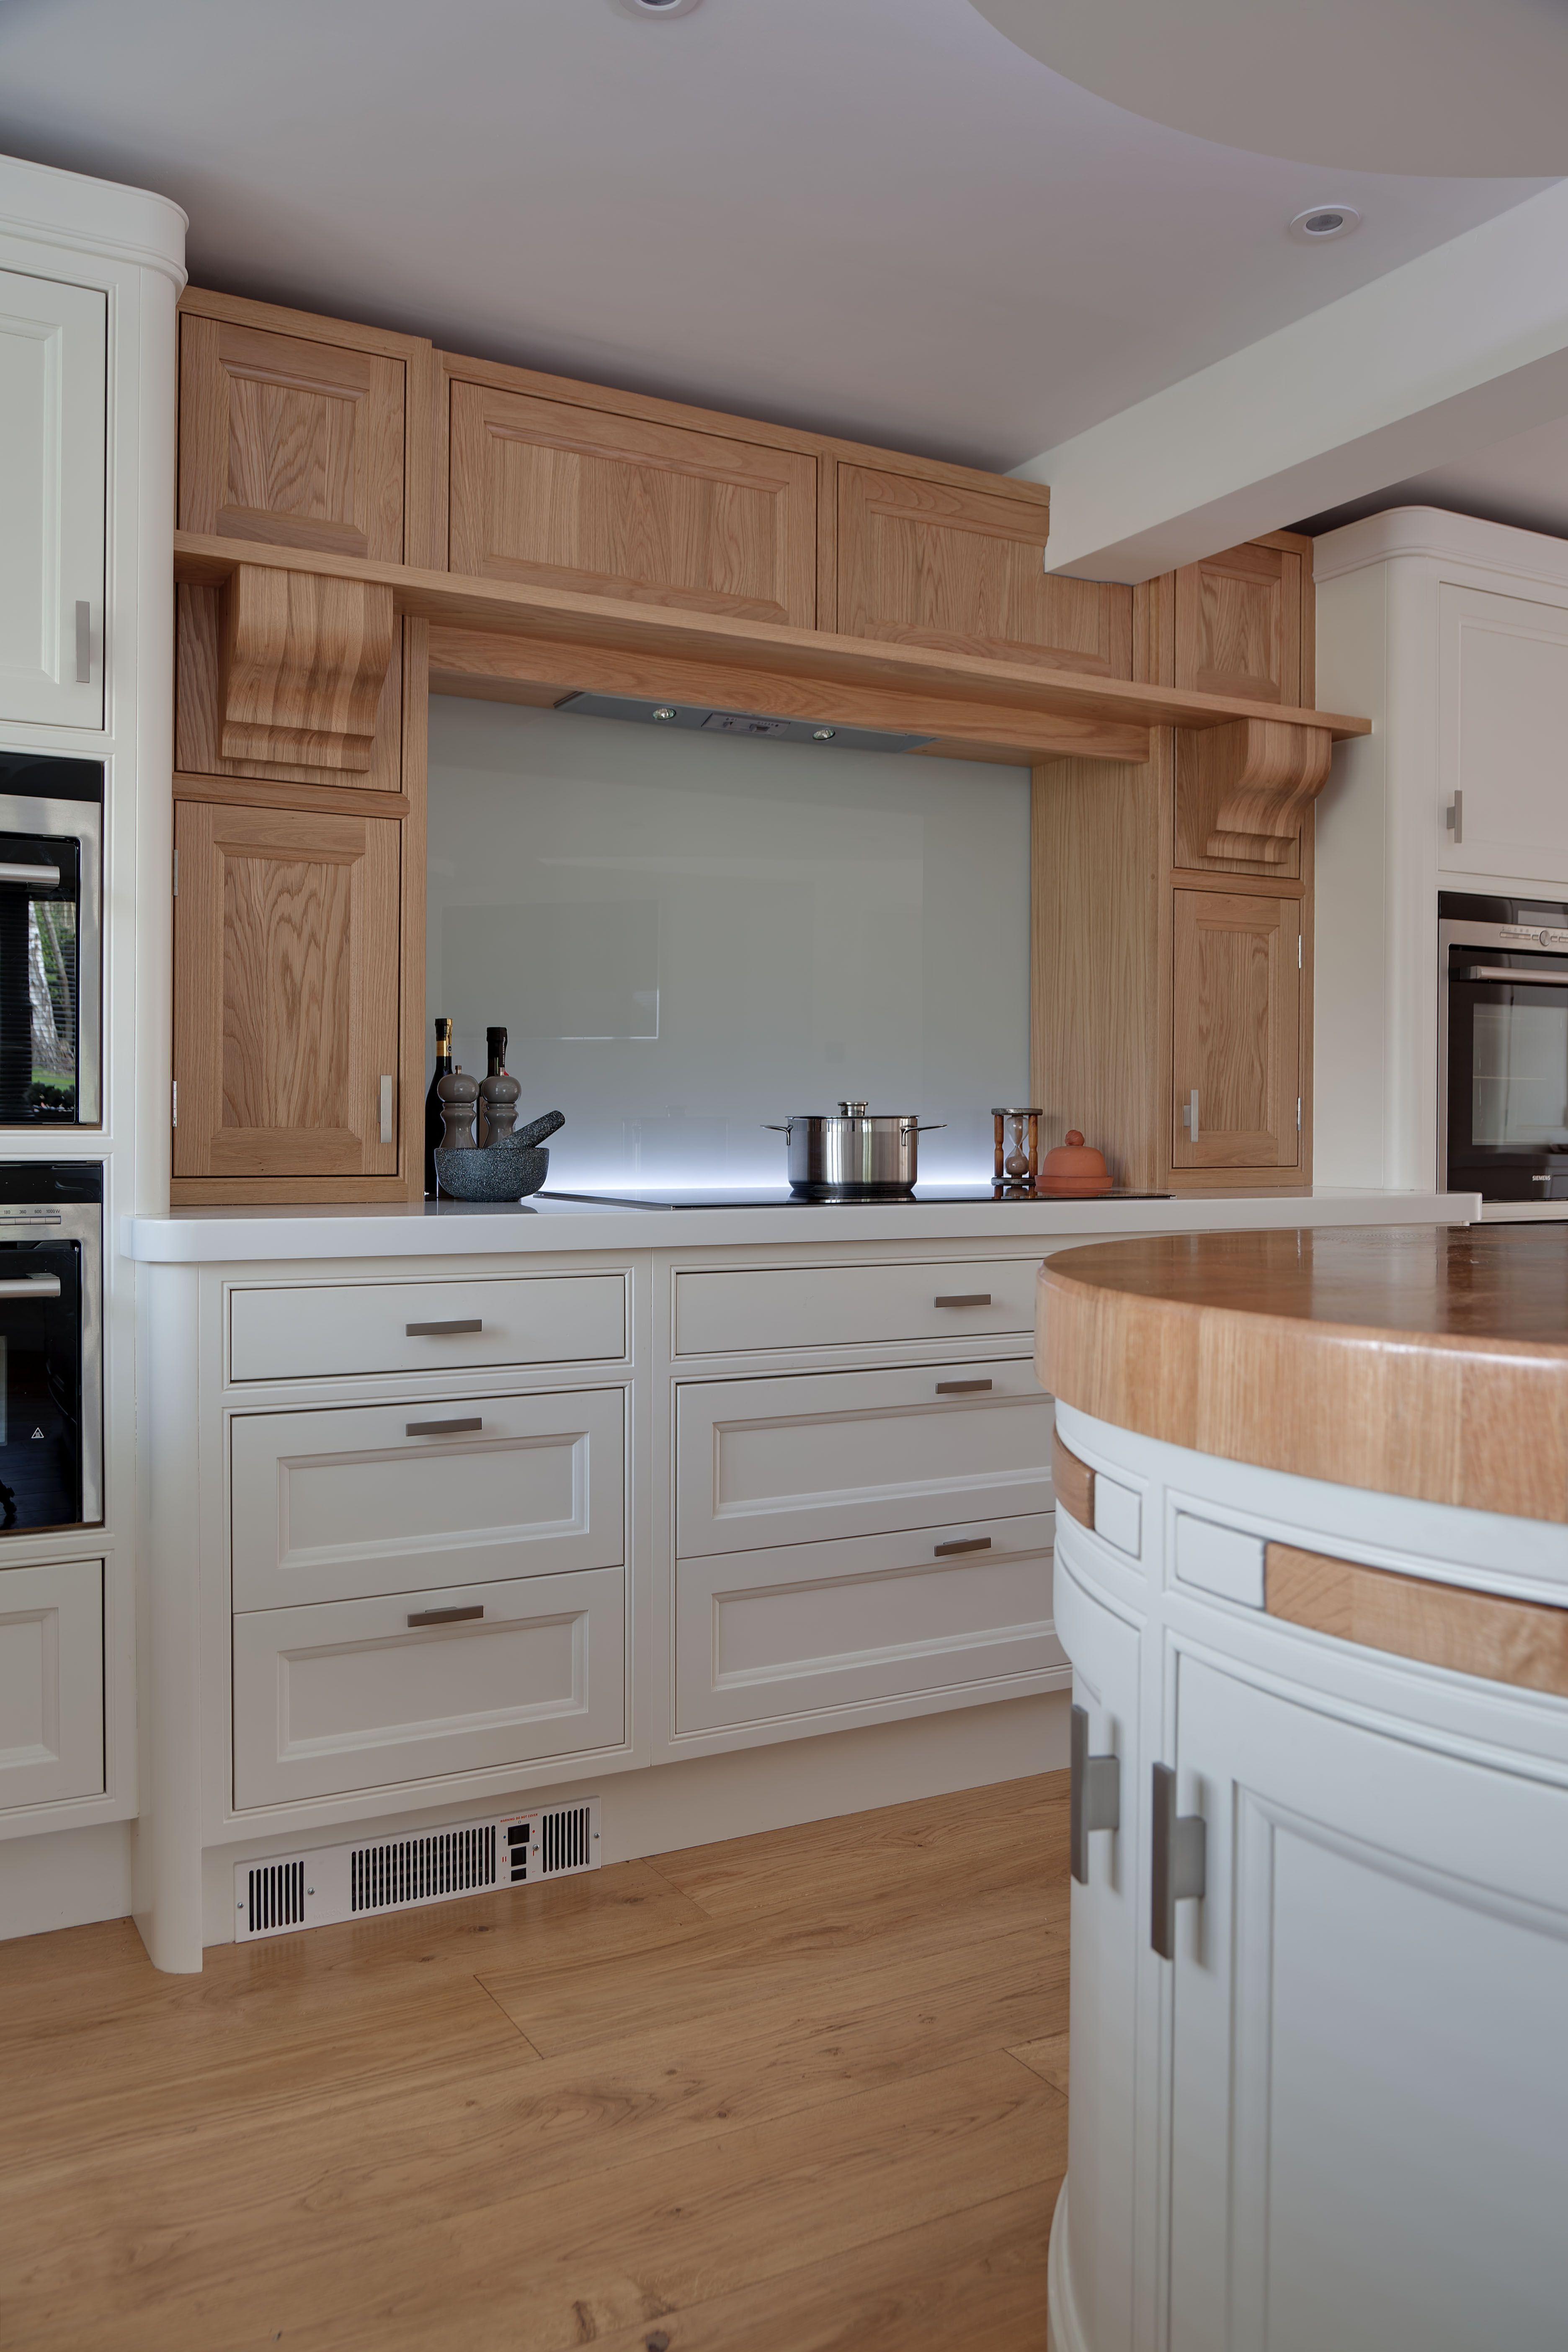 A luxury bespoke handmade kitchen design from biddenden in kent